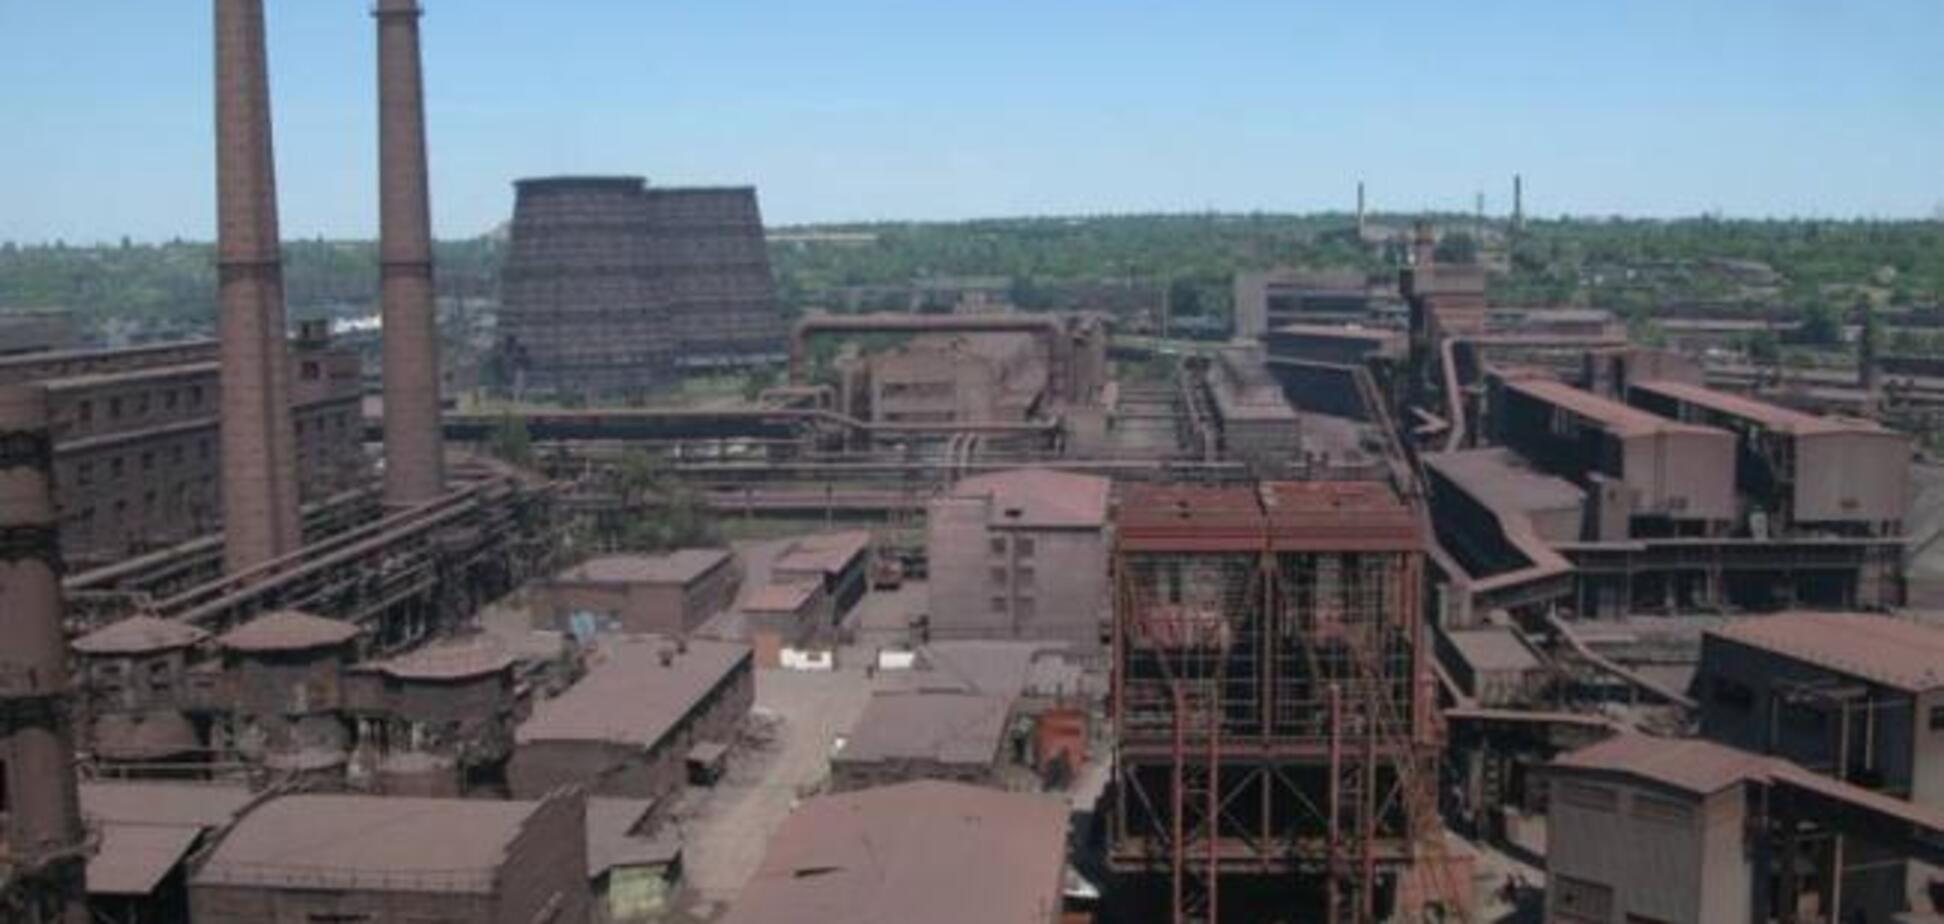 В 'ДНР' мощный пожар уничтожил часть завода: список потерь